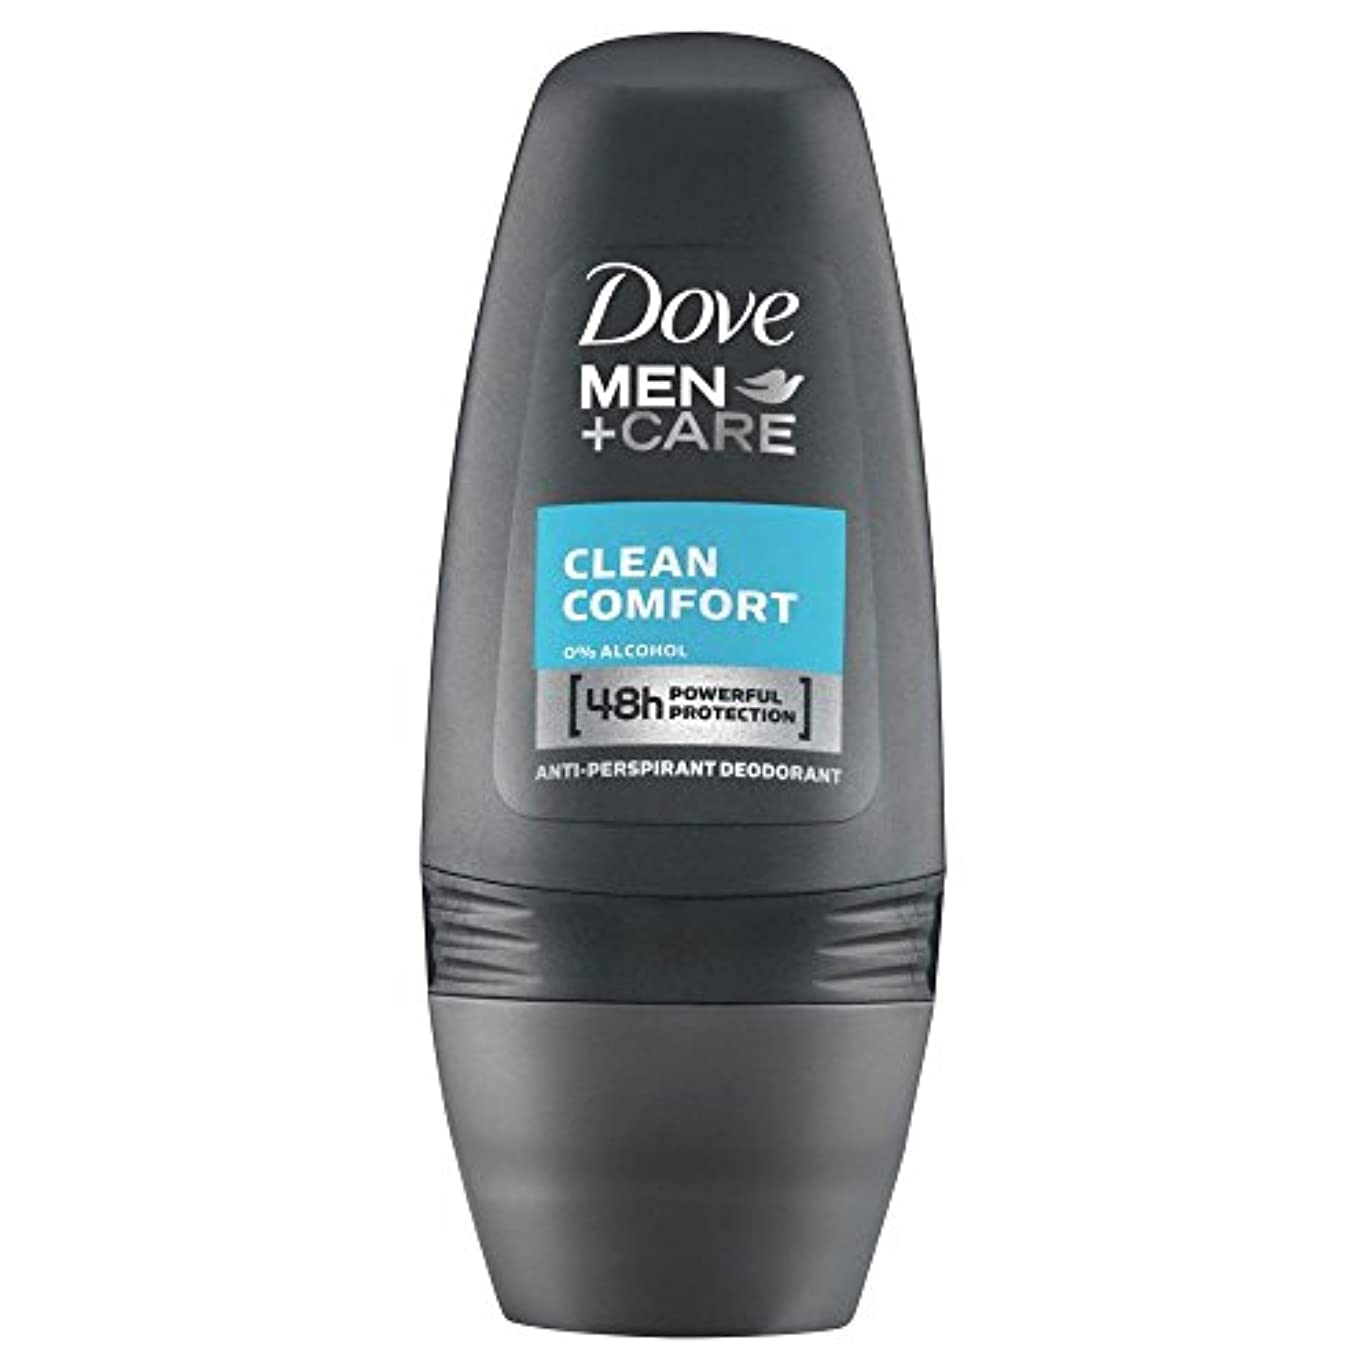 上院甘くするリズムDove Men + Care Antiperspirant Deodorant - Clean Comfort Roll-On (50ml) クリーンコンフォートロールオン( 50ミリリットル) - 鳩の男性は制汗デオドラントケア...